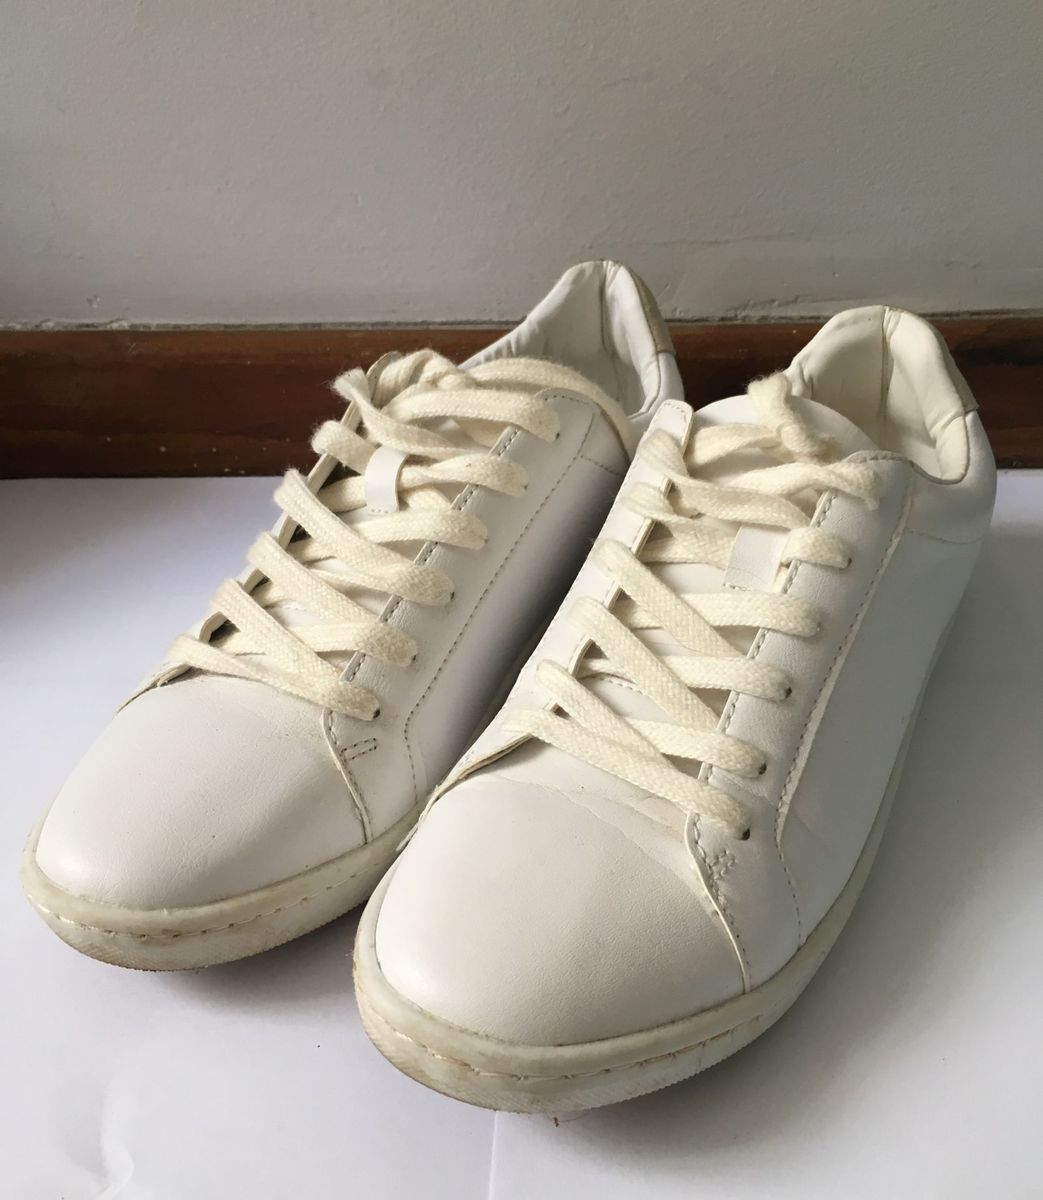 5cb8391e7d9 tênis branco zara - tênis zara.  Czm6ly9wag90b3muzw5qb2vplmnvbs5ici9wcm9kdwn0cy85mtm3mdm4lzywzwixztviotgymzfimte3nwezy2u1nzq4mzqxytq1lmpwzw  ...